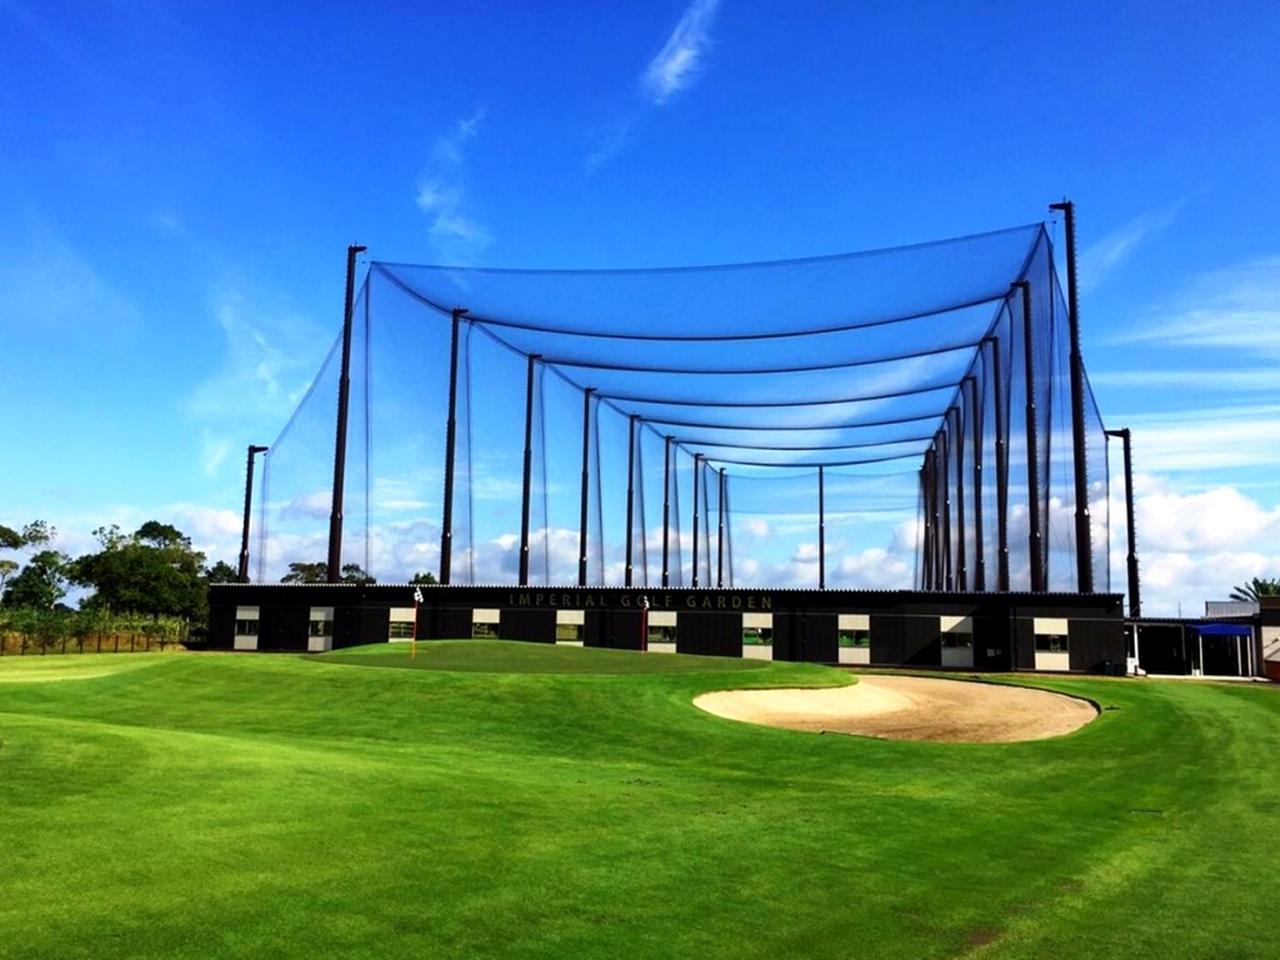 画像: ザ・インペリアルカントリークラブの練習施設「インペリアルゴルフガーデン」180㍎20打席、アプローチ、バンカー、パッティング練習場を備える